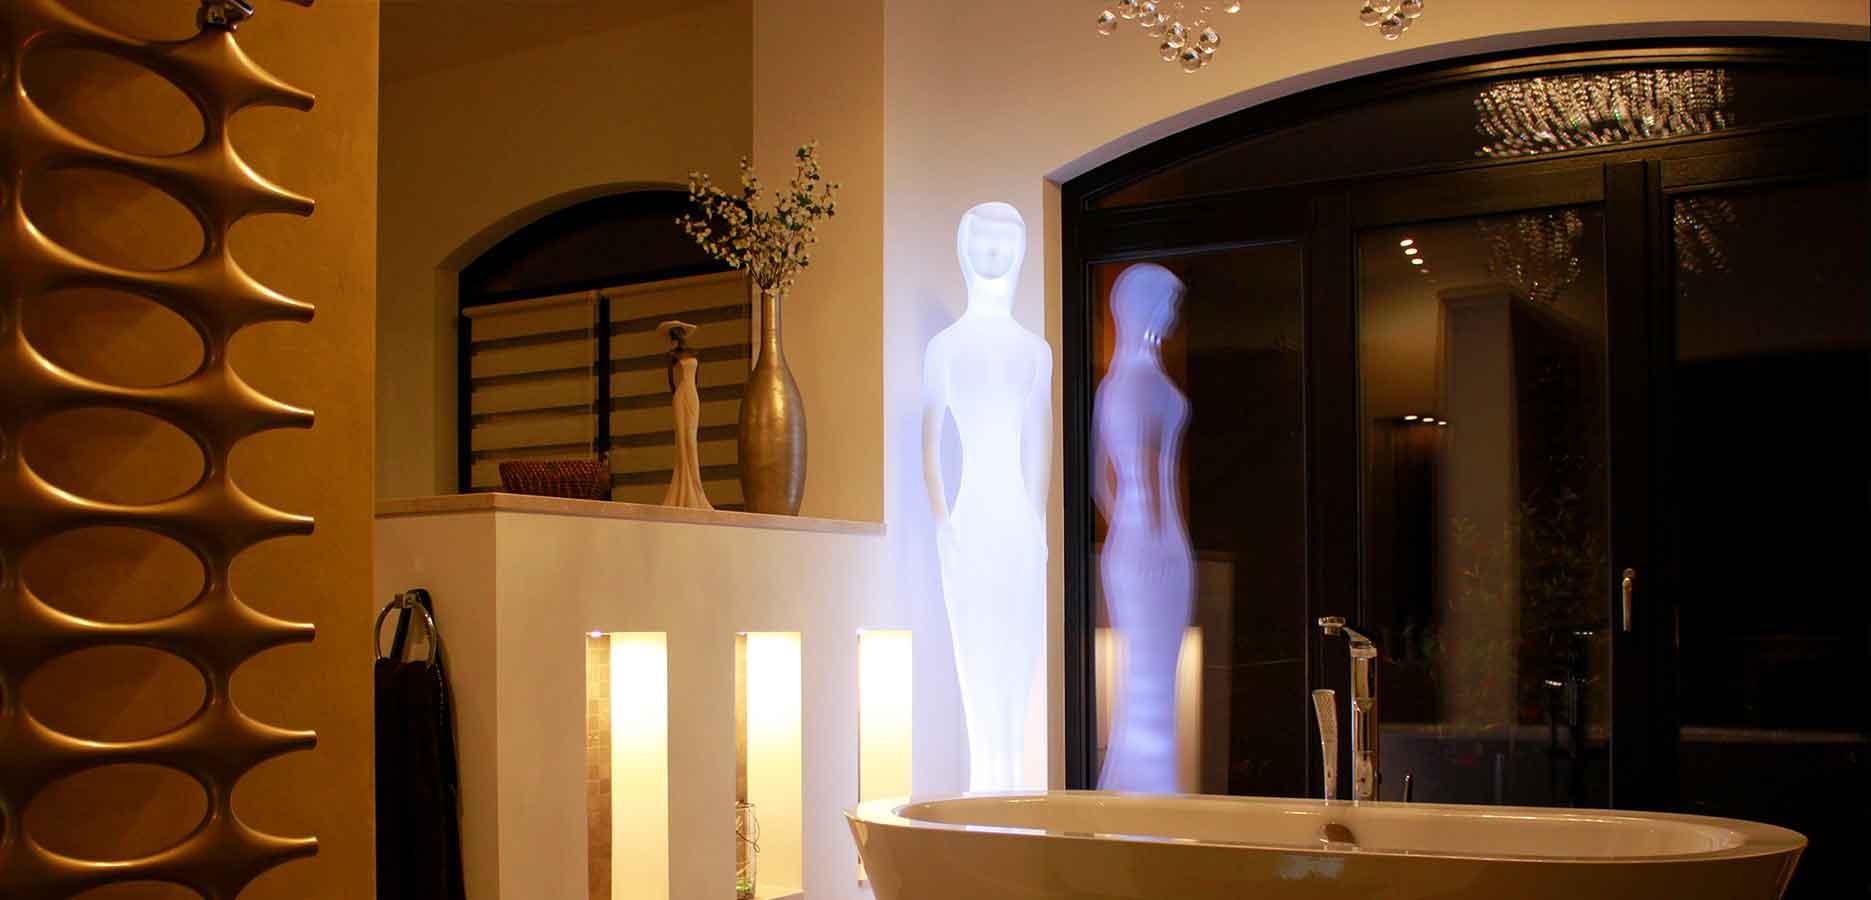 Atemberaubendes Design überzeugt <br> Innen und auch Außen mit Dekolampen <br> und Leuchtstatuen als Lichtdekor.